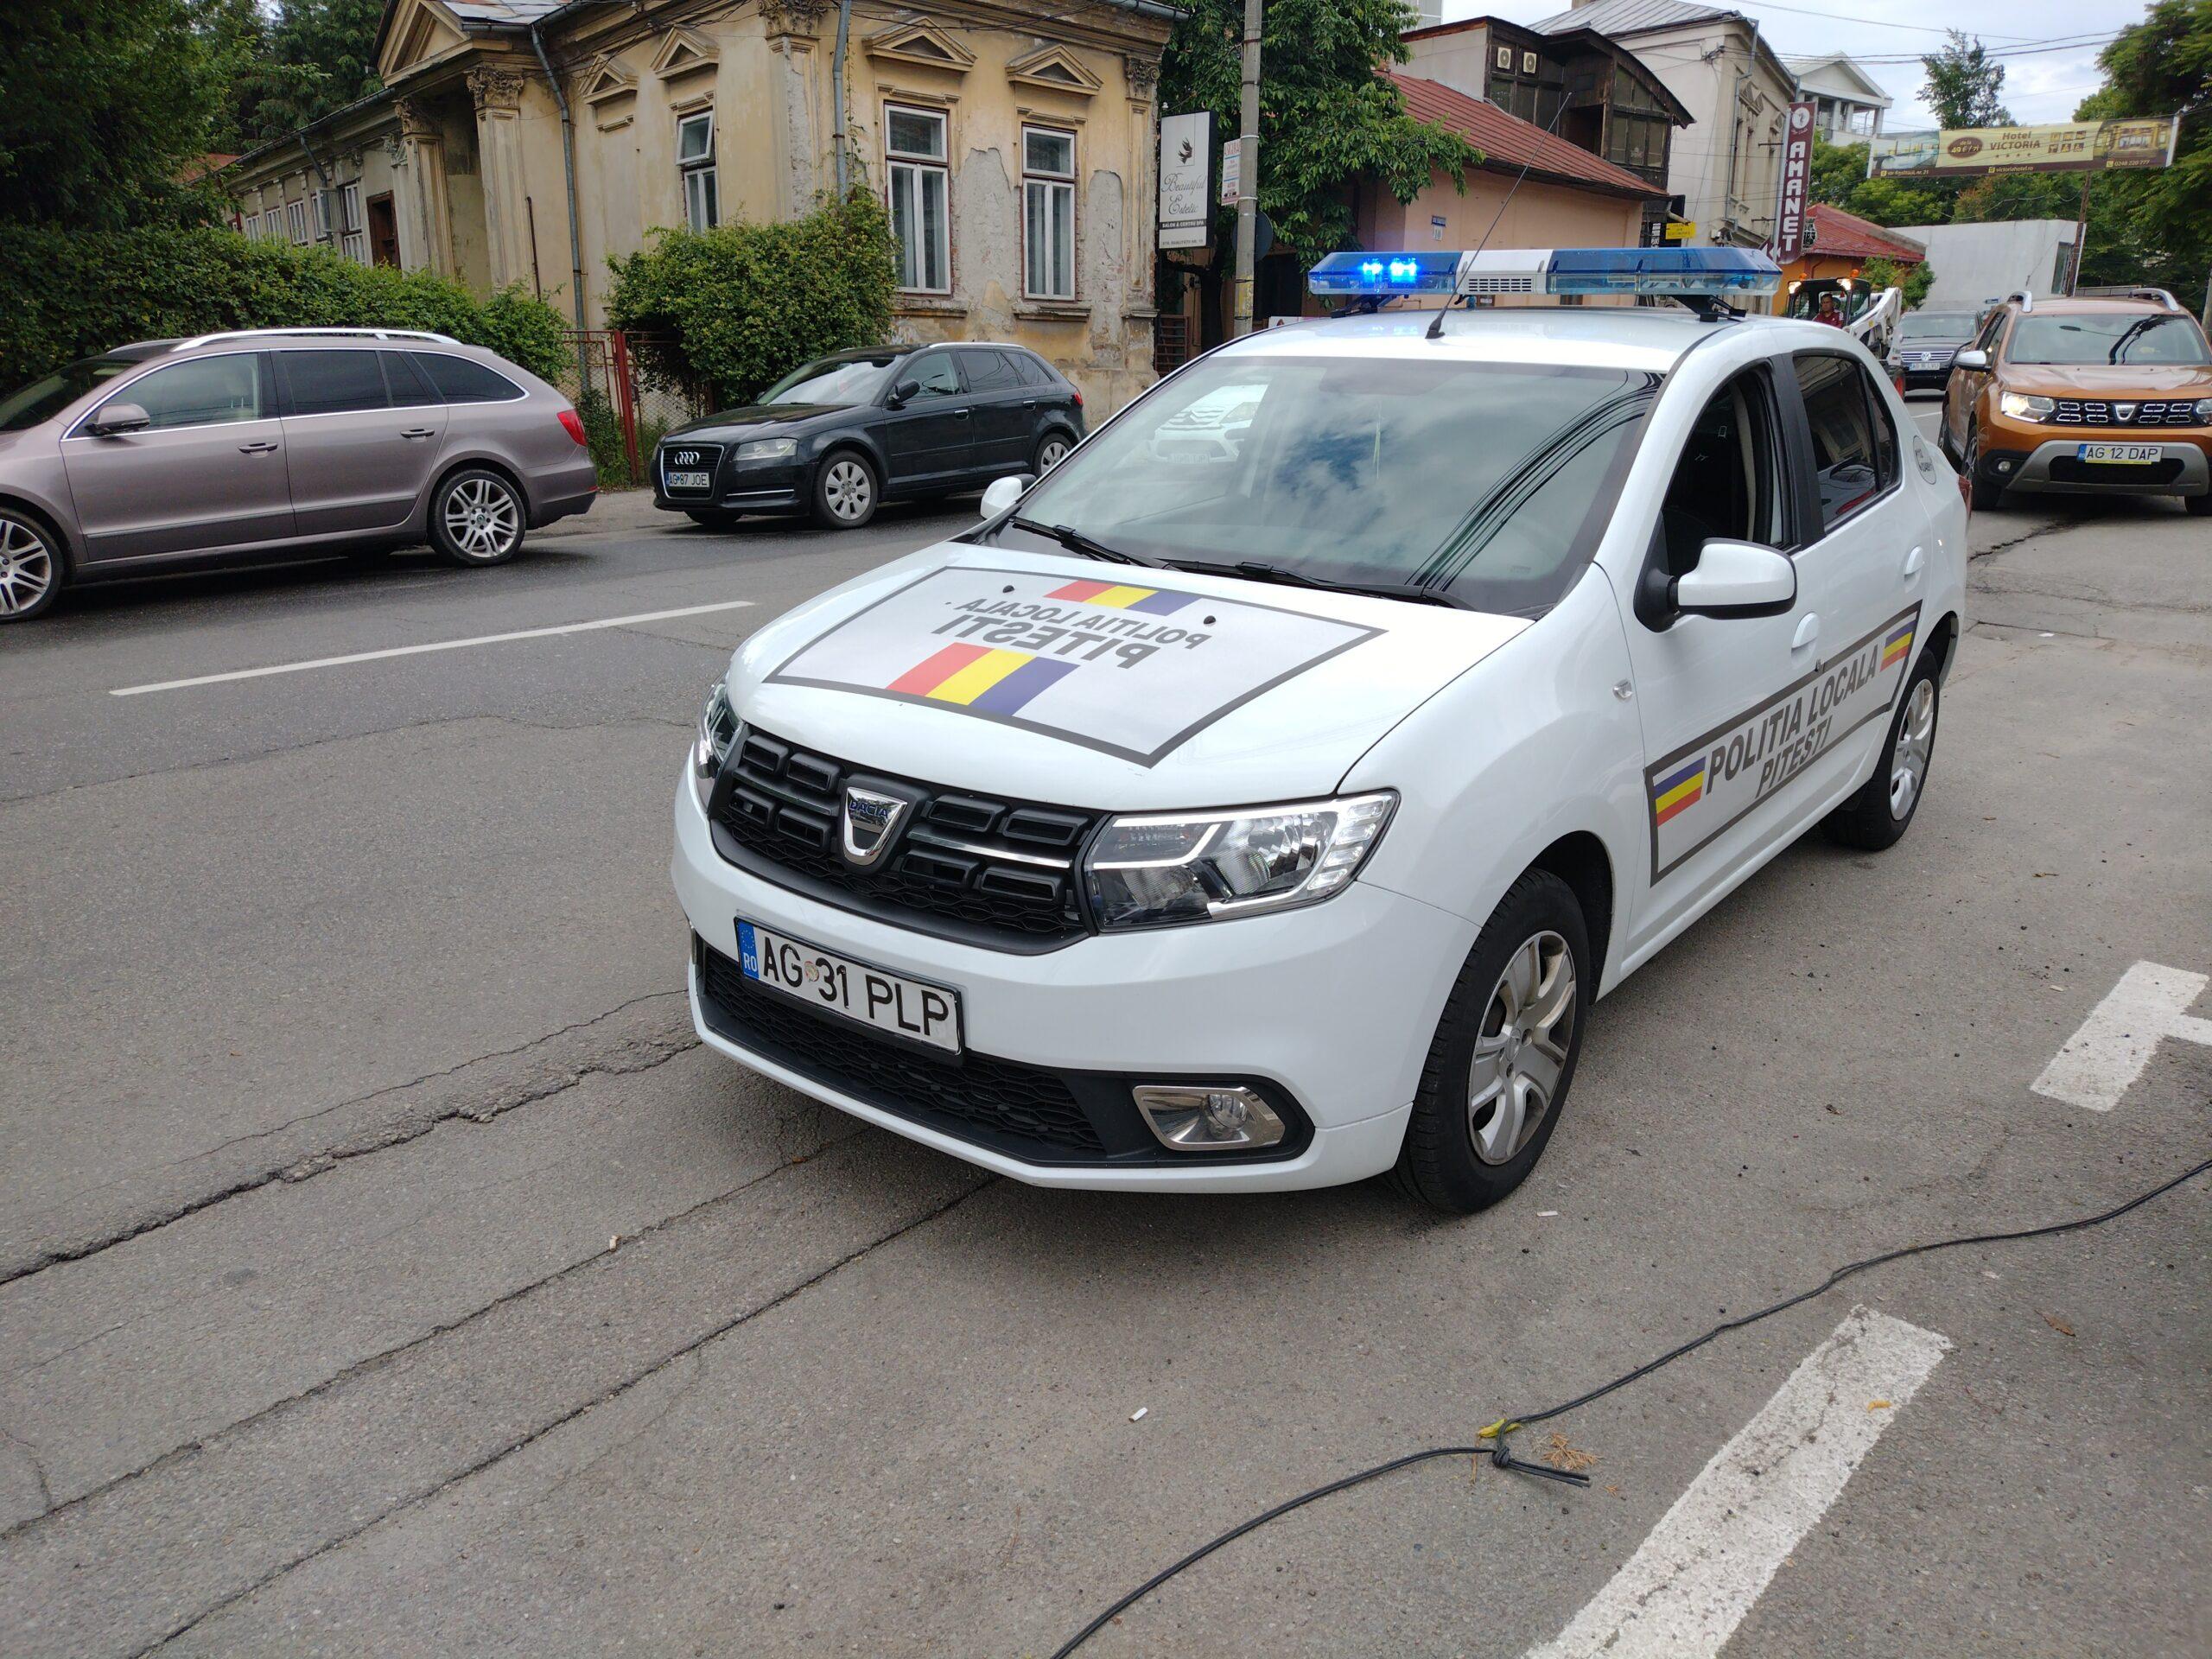 Video: Poliția Locală Pitești în acțiune, în centru. Amenzi pentru parcări neregulamentare